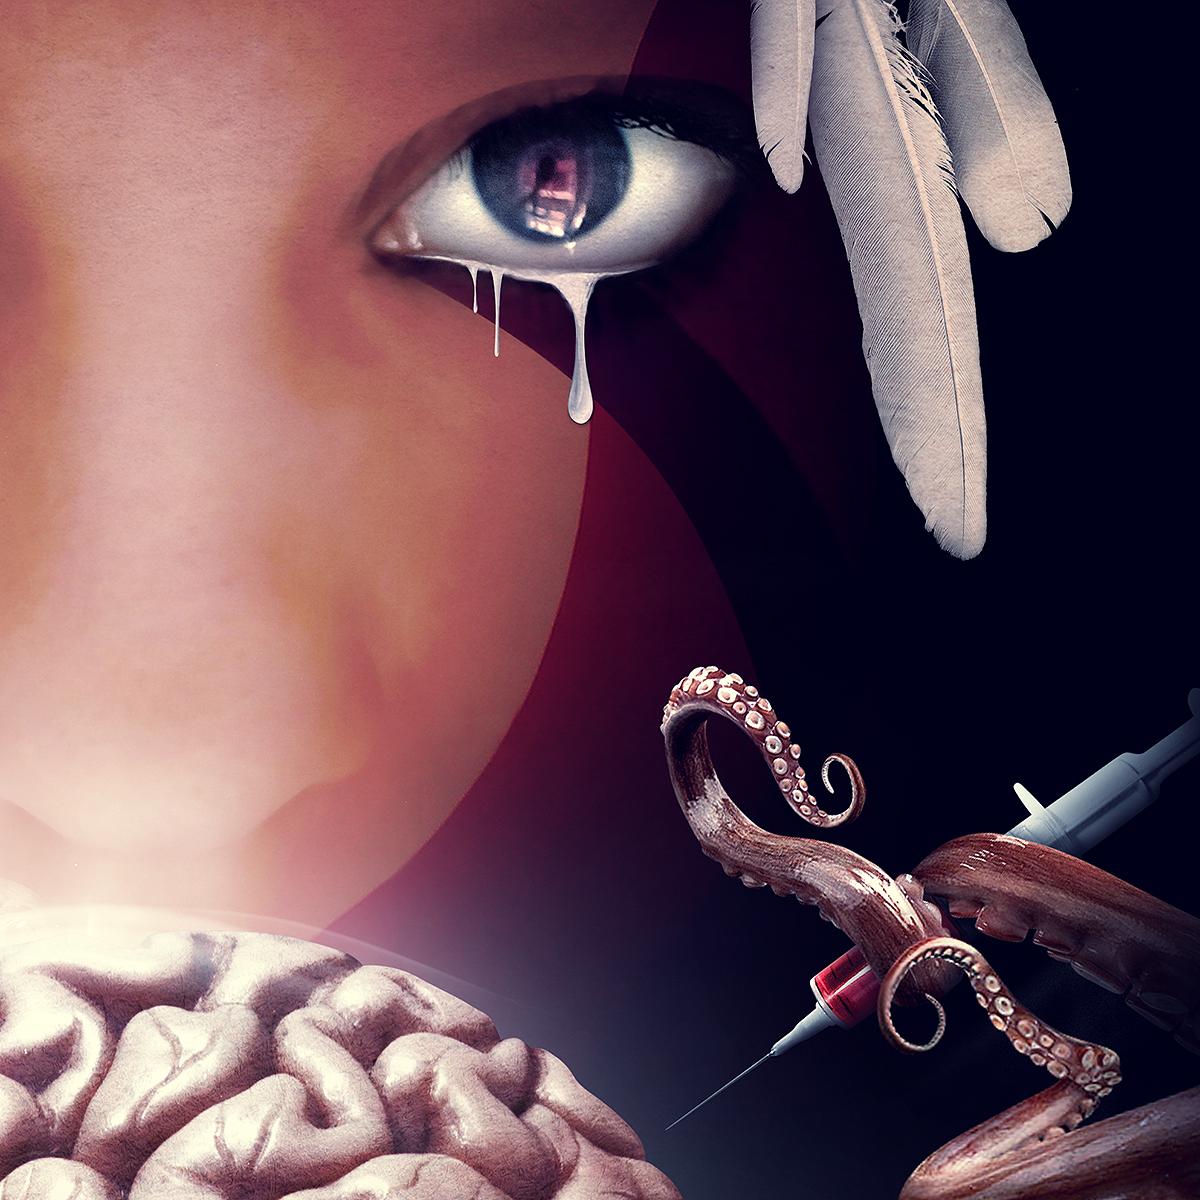 Brain_close